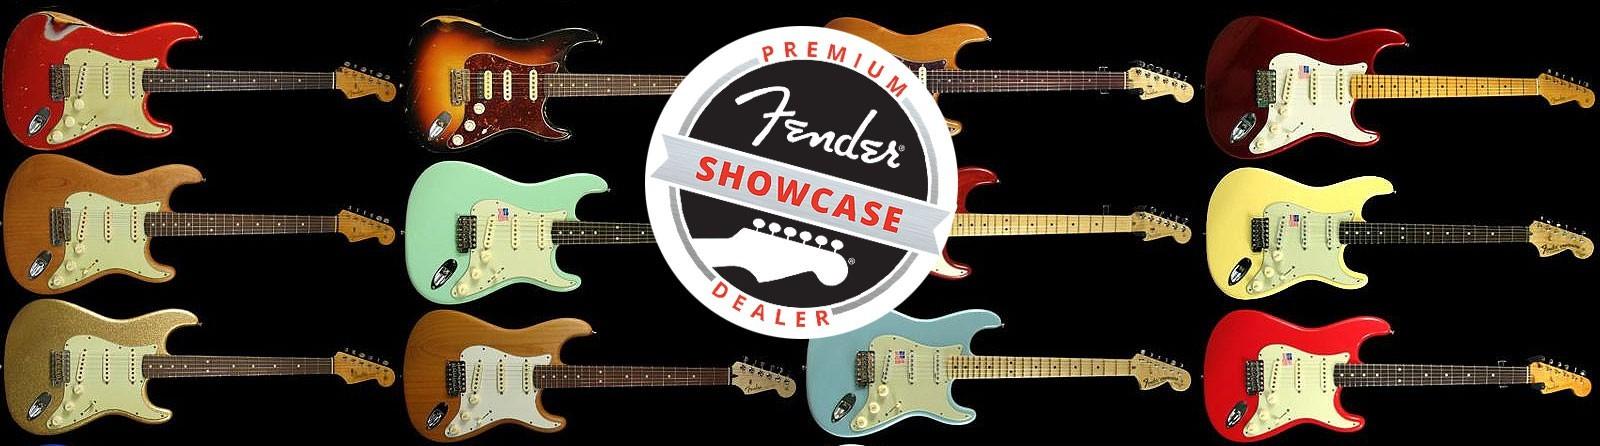 Fender Basses & Guitars